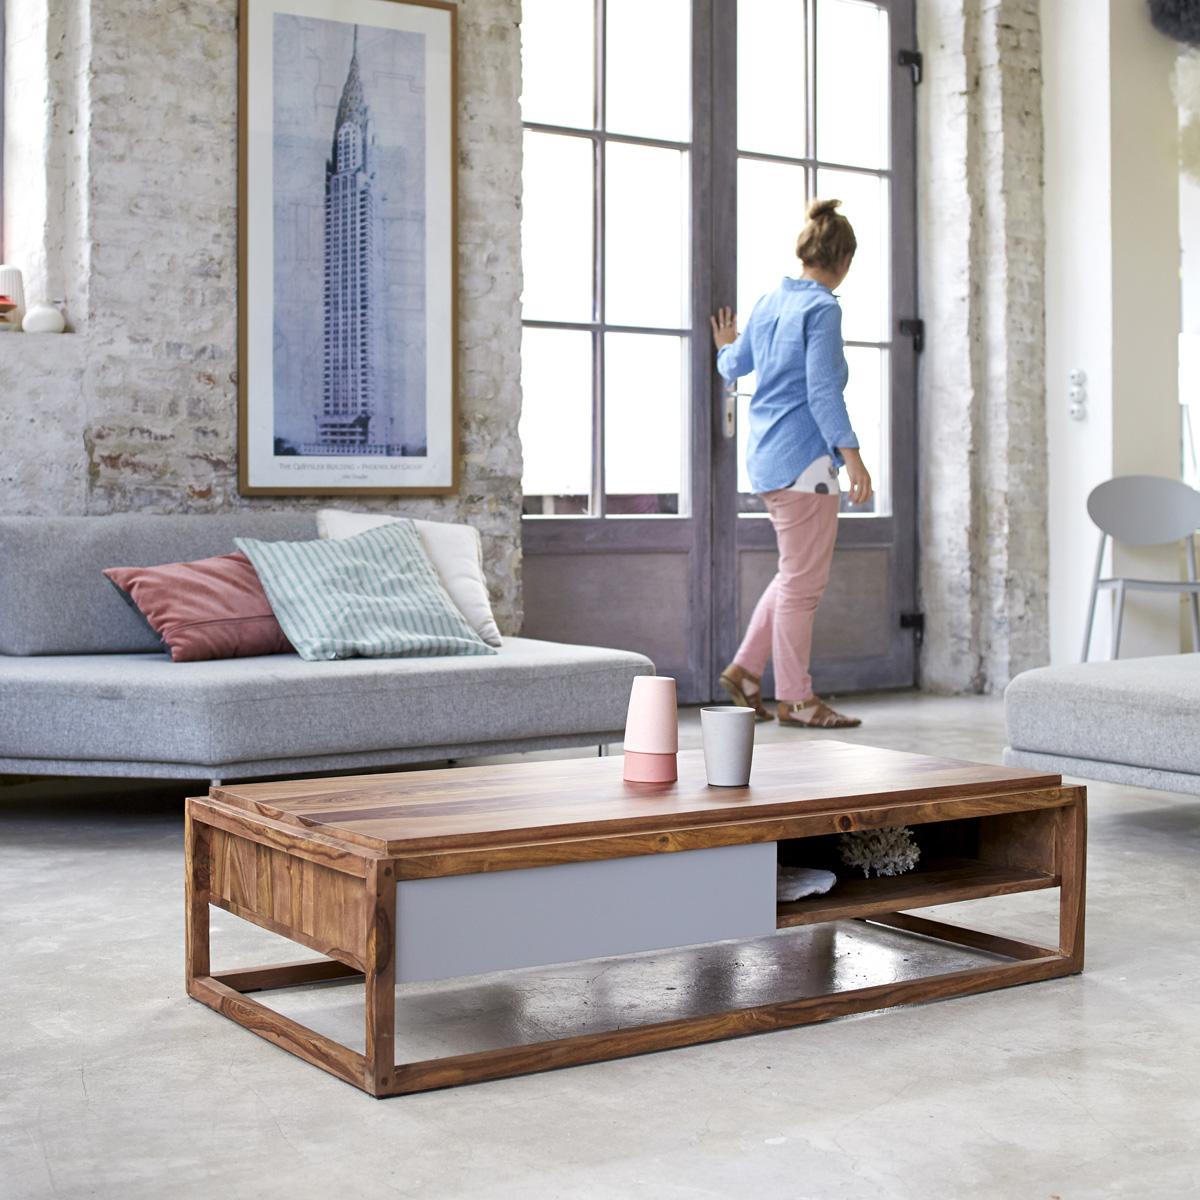 Table basse maison du monde bois et verre